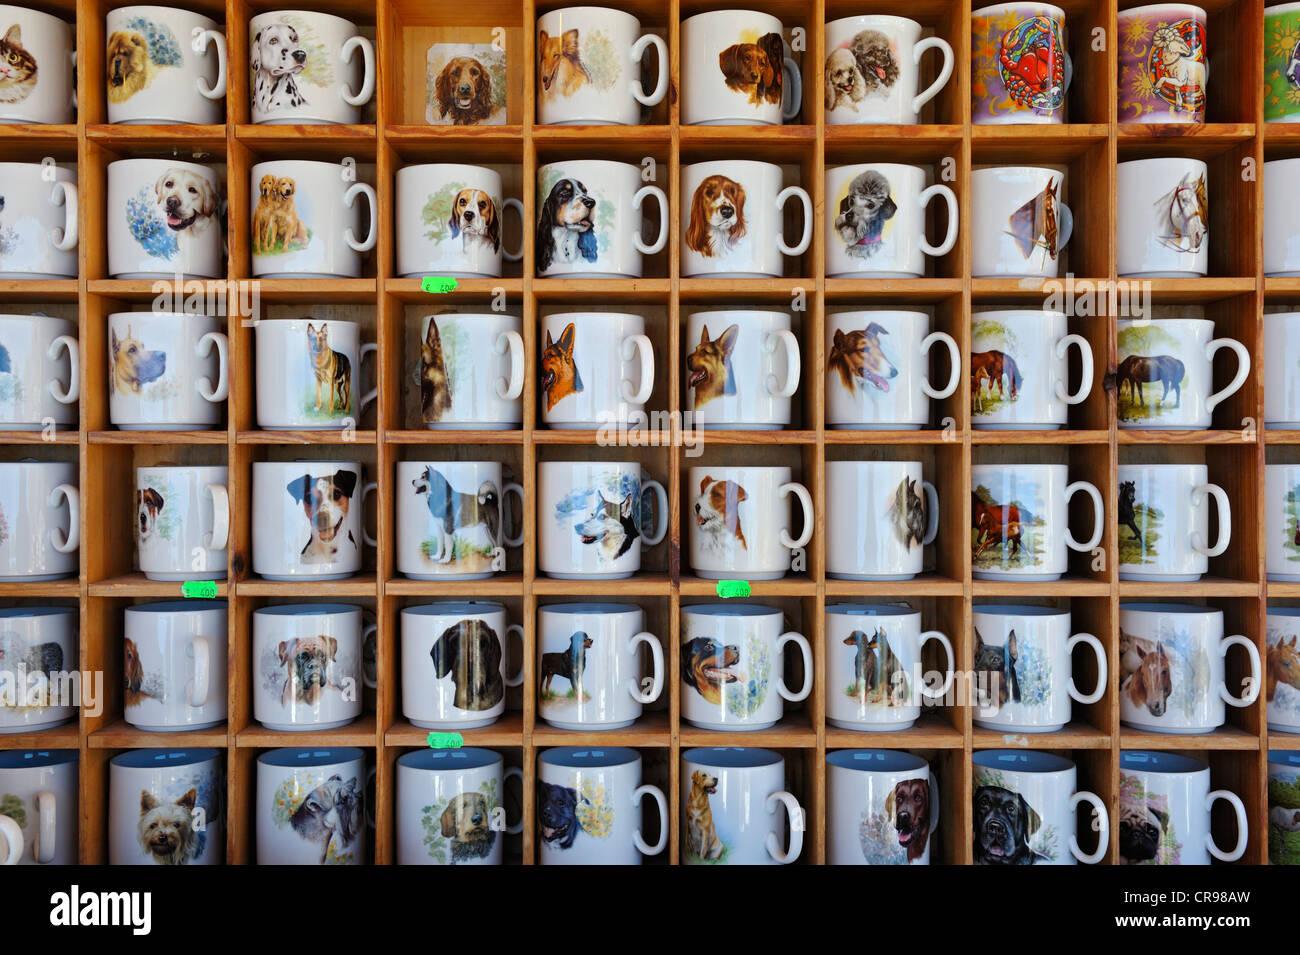 Tazze stampata con motivi zoomorfi, Auer Dult mercato, Monaco di Baviera, Germania, Europa Immagini Stock